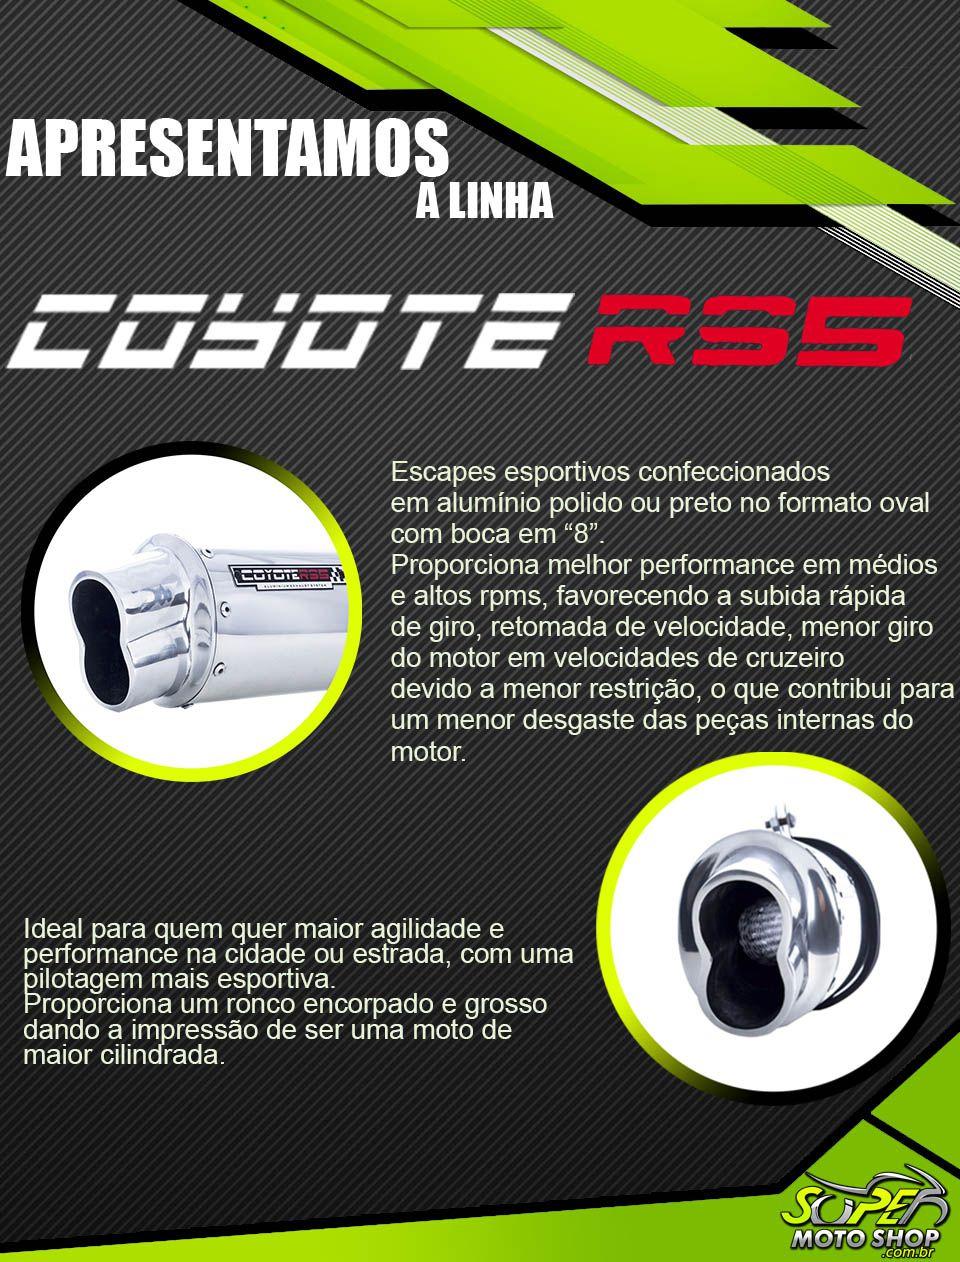 Escape / Ponteira Coyote RS5 Boca 8 Aluminio Oval - CG 150 Titan / Fan KS/ESi 2009 até 2013 - Honda